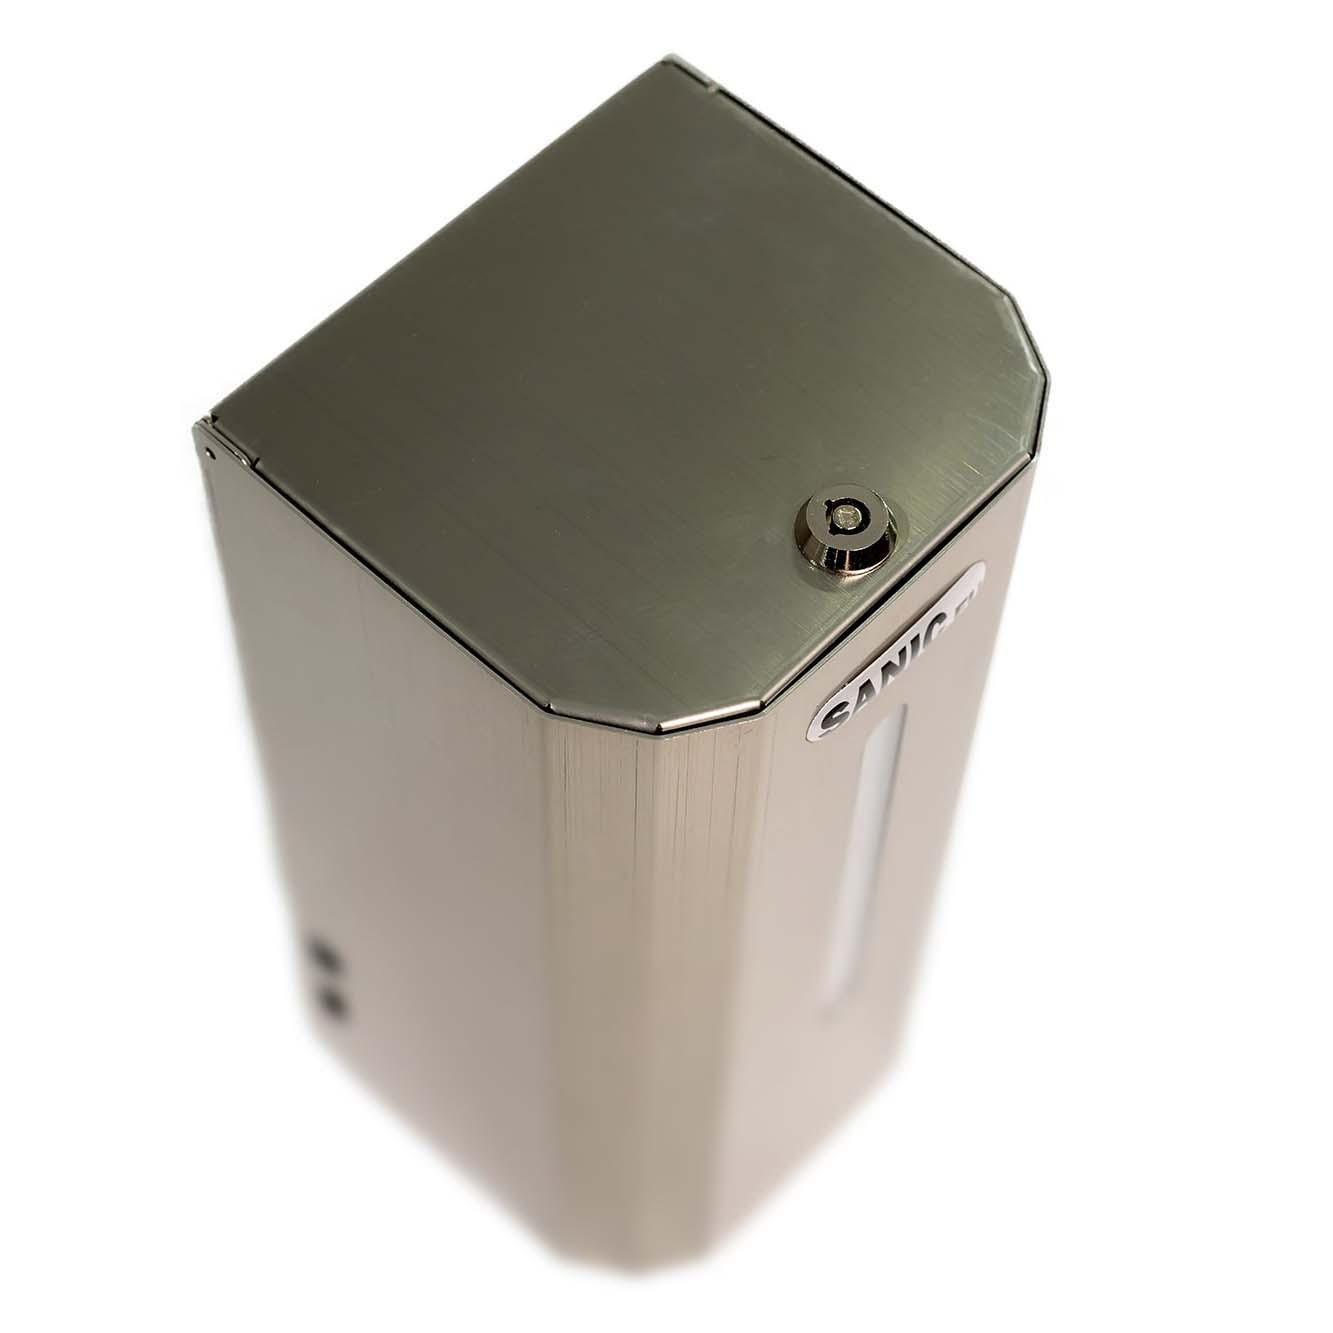 Tisch-Desinfektionsspender aus Edelstahl mit Sensor – SANIC